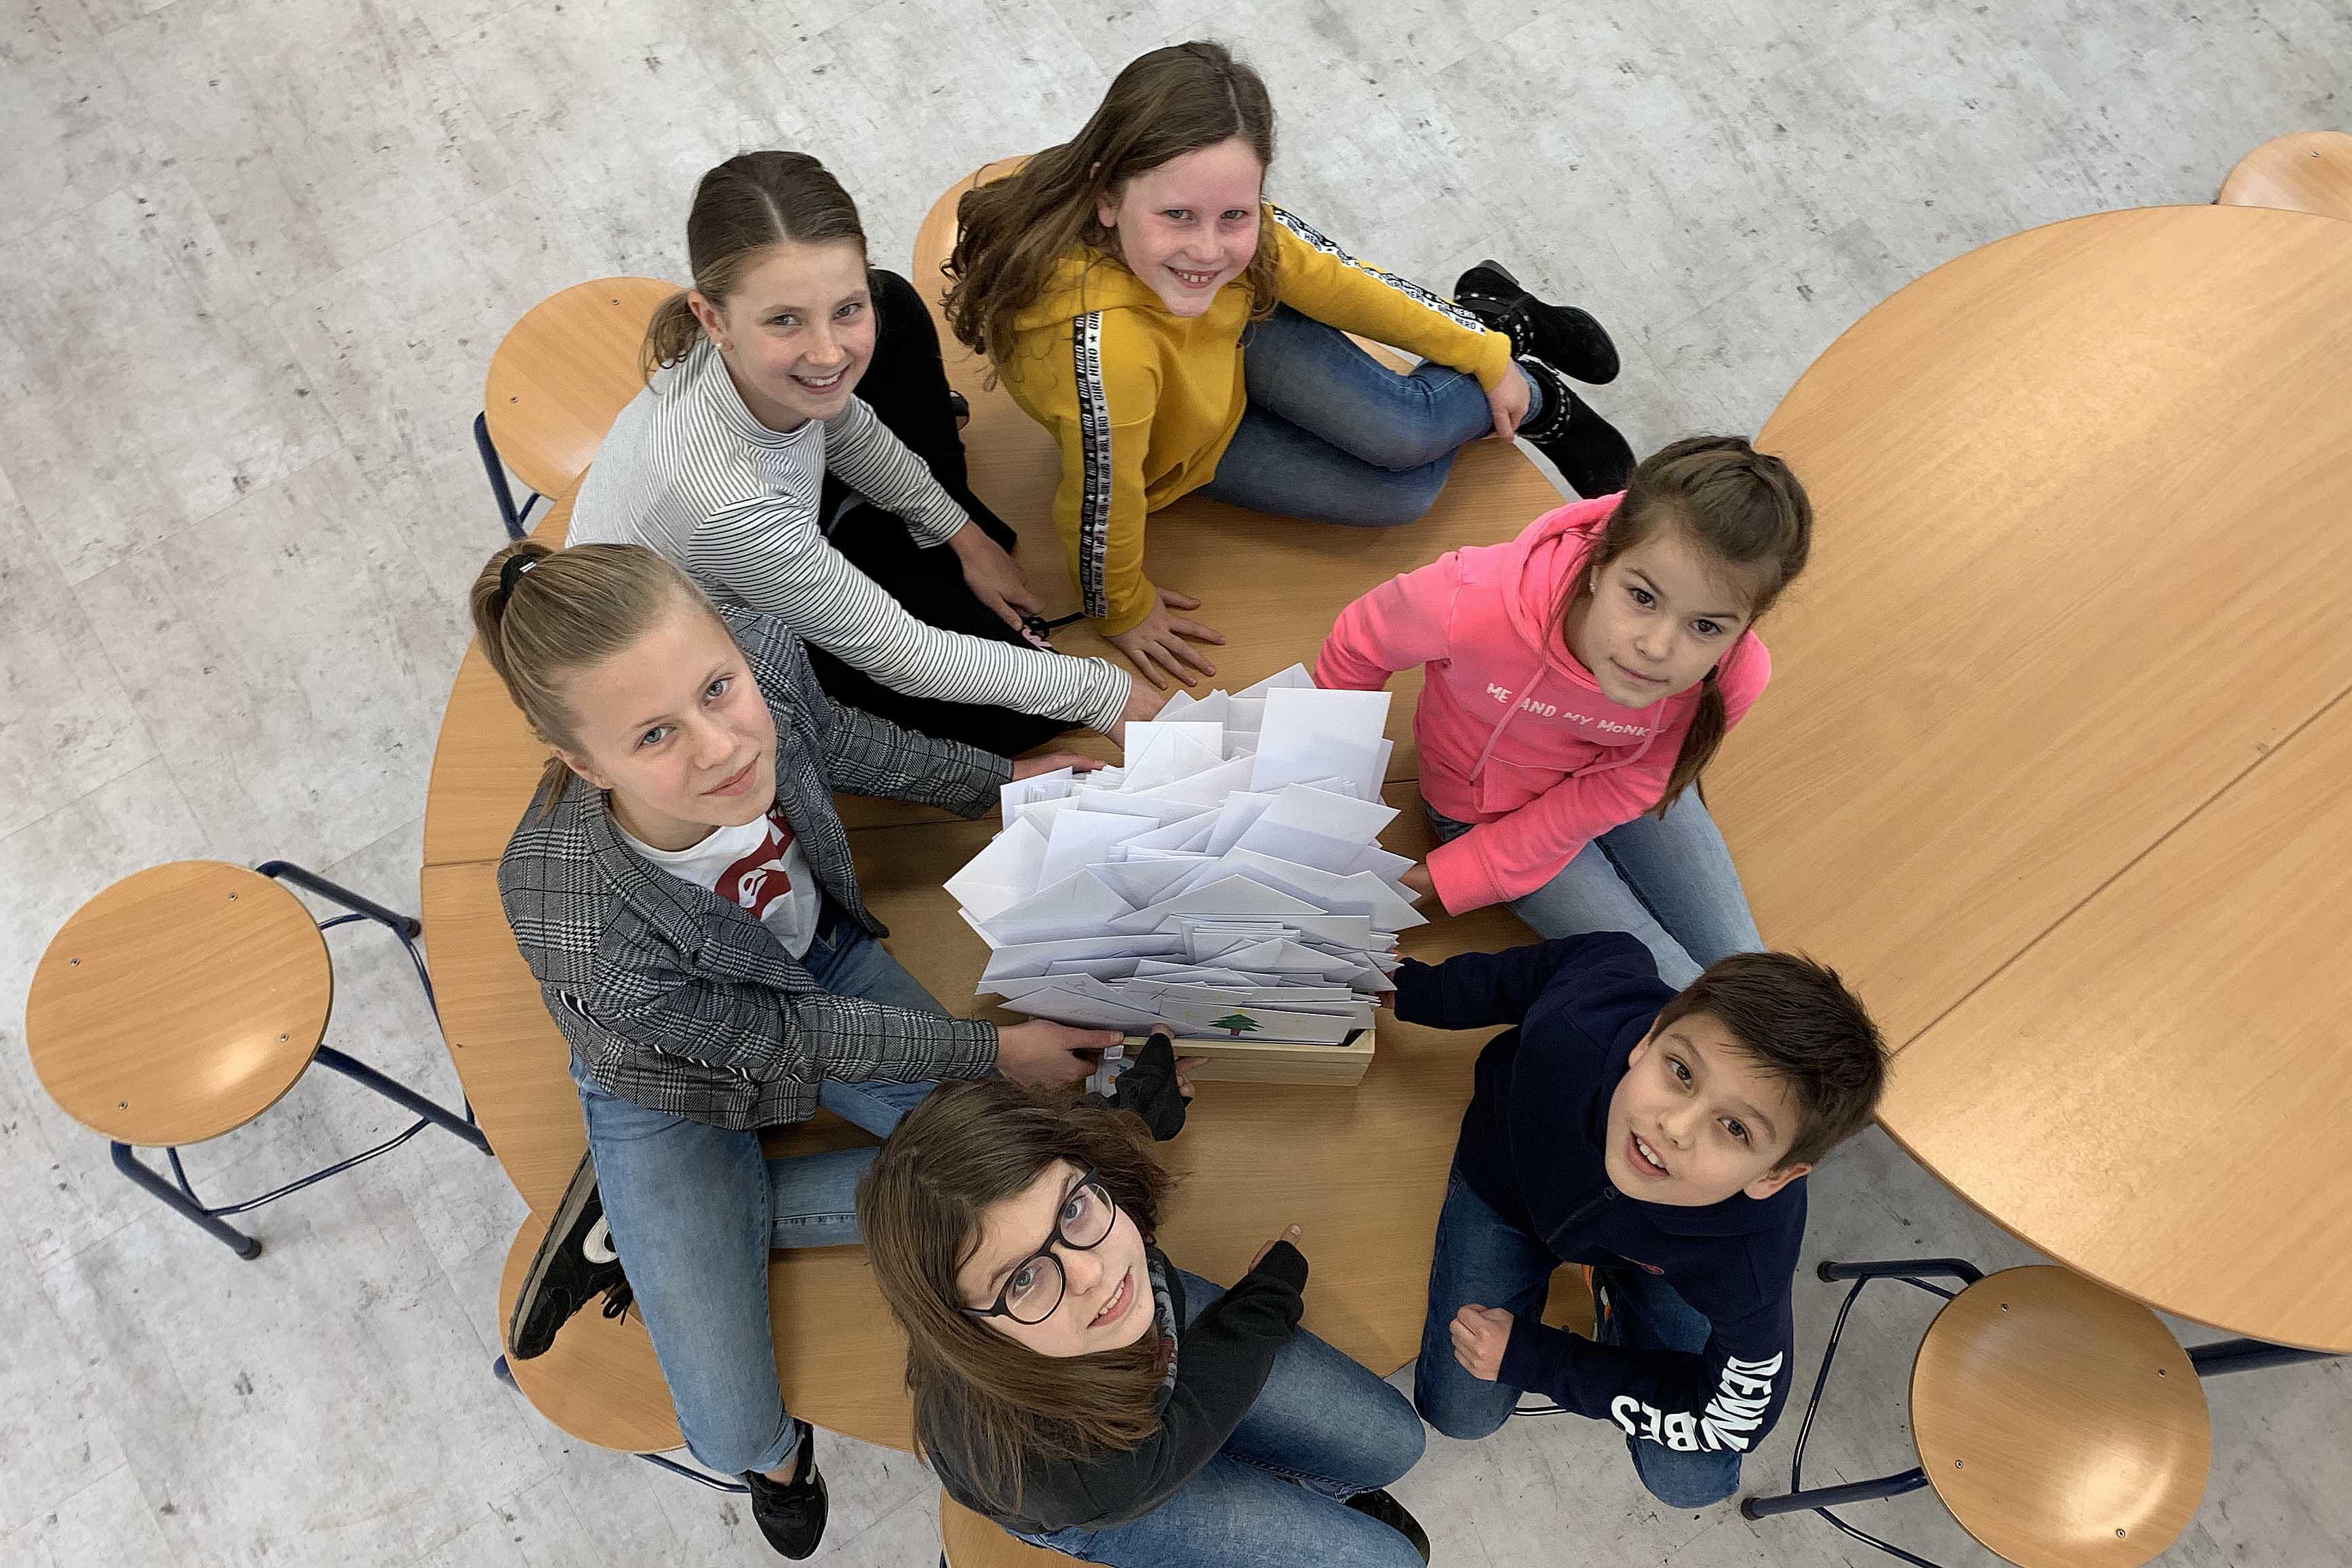 Leerlingen van Julianaschool en ROC in Den Helder schrijven duizend kerstkaarten. 'Zelfs de kleuters doen mee'